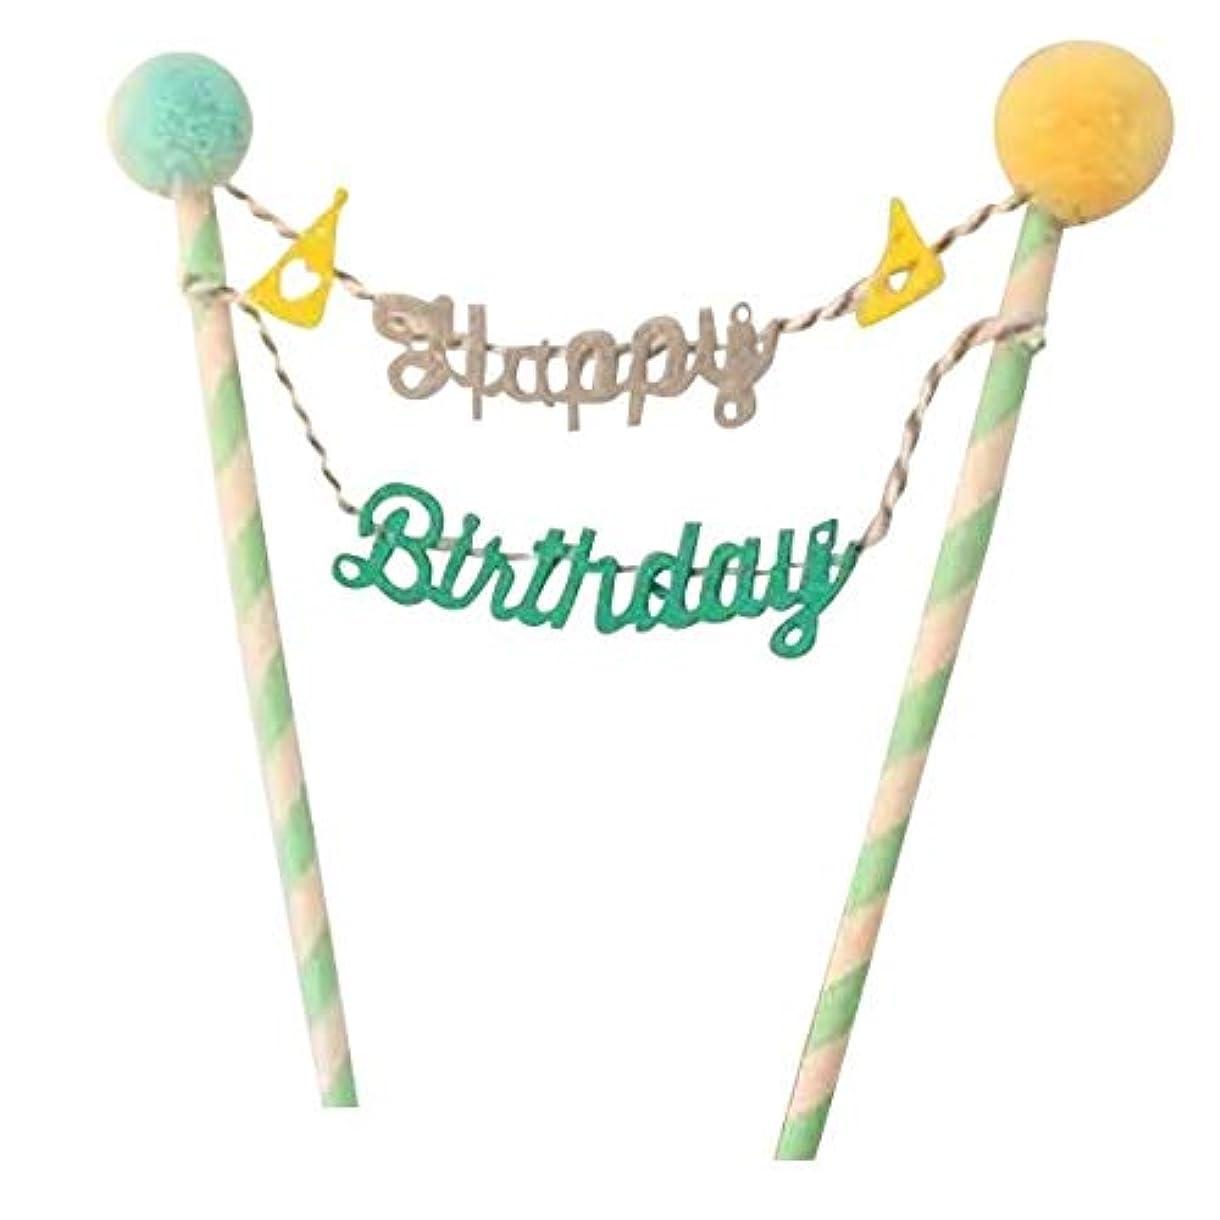 スパイラルラショナル願望ケーキ デコレーション Happy Birthday 誕生日 ケーキトッパー バースデー お誕生日 結婚 結婚式 記念日 イベント パーティー 写真撮影 ((グリーン)Happy Birthday)